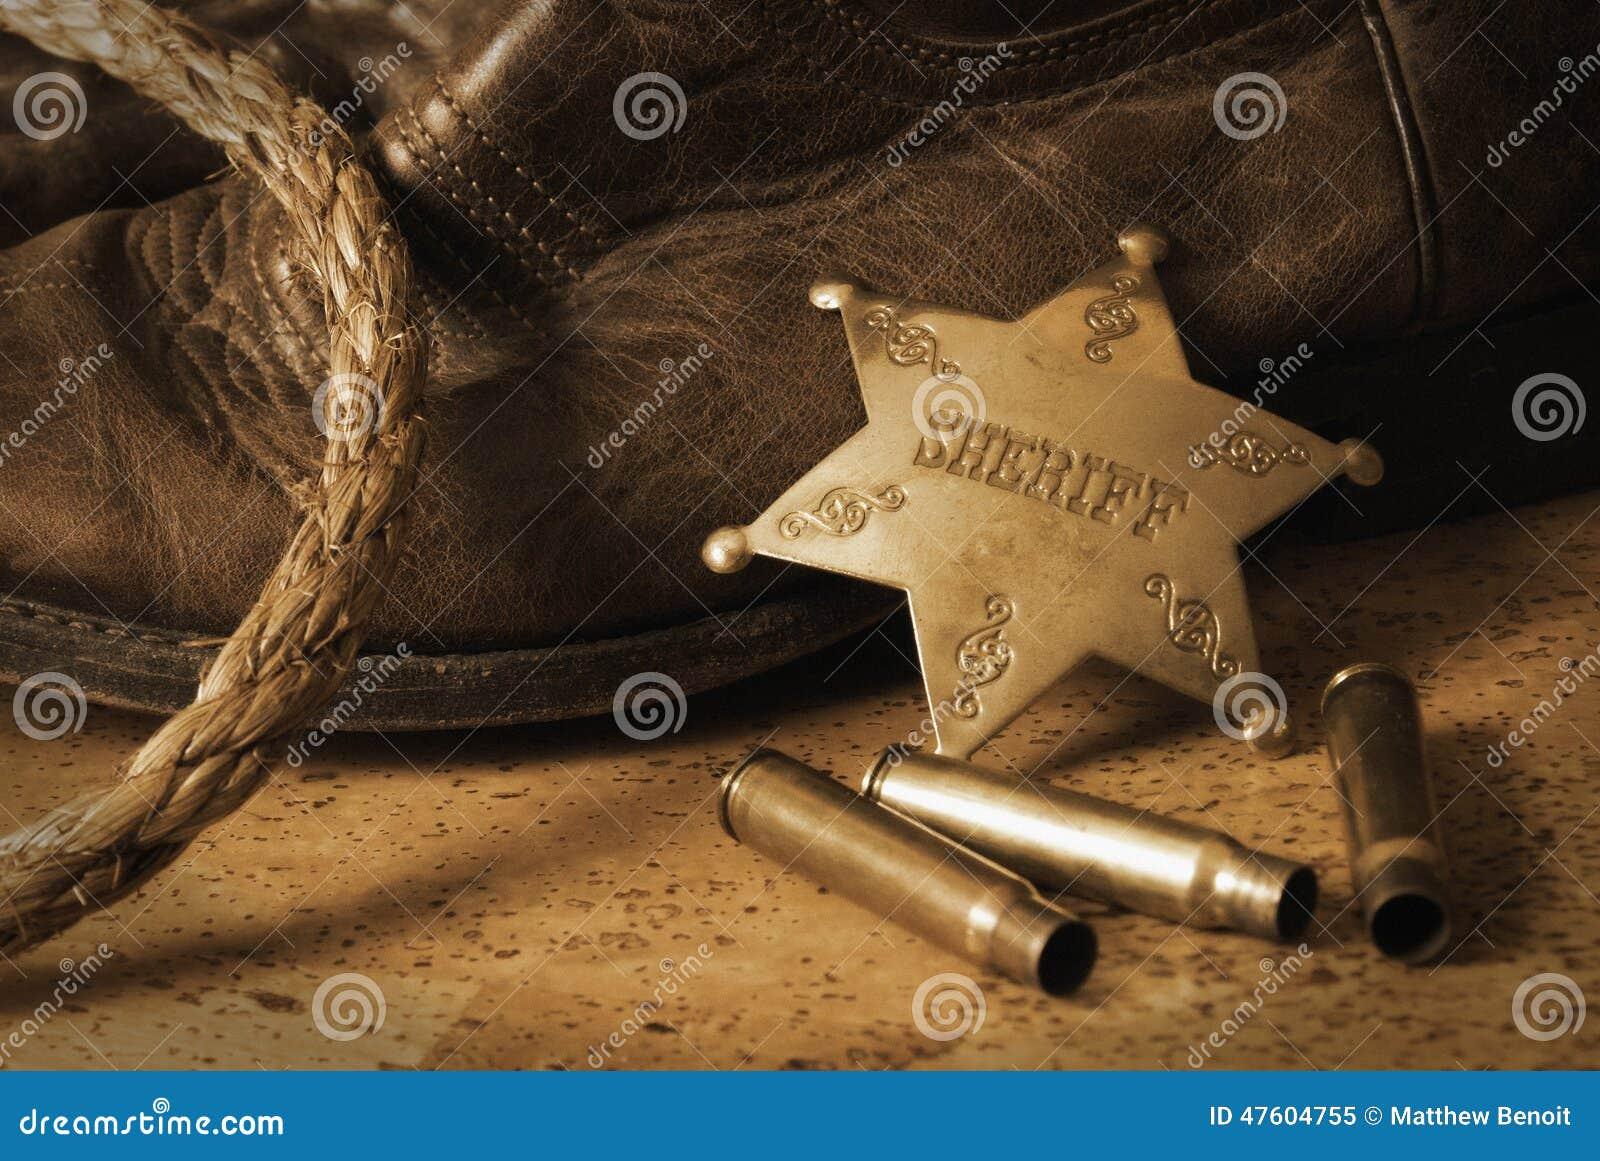 Västra sheriff